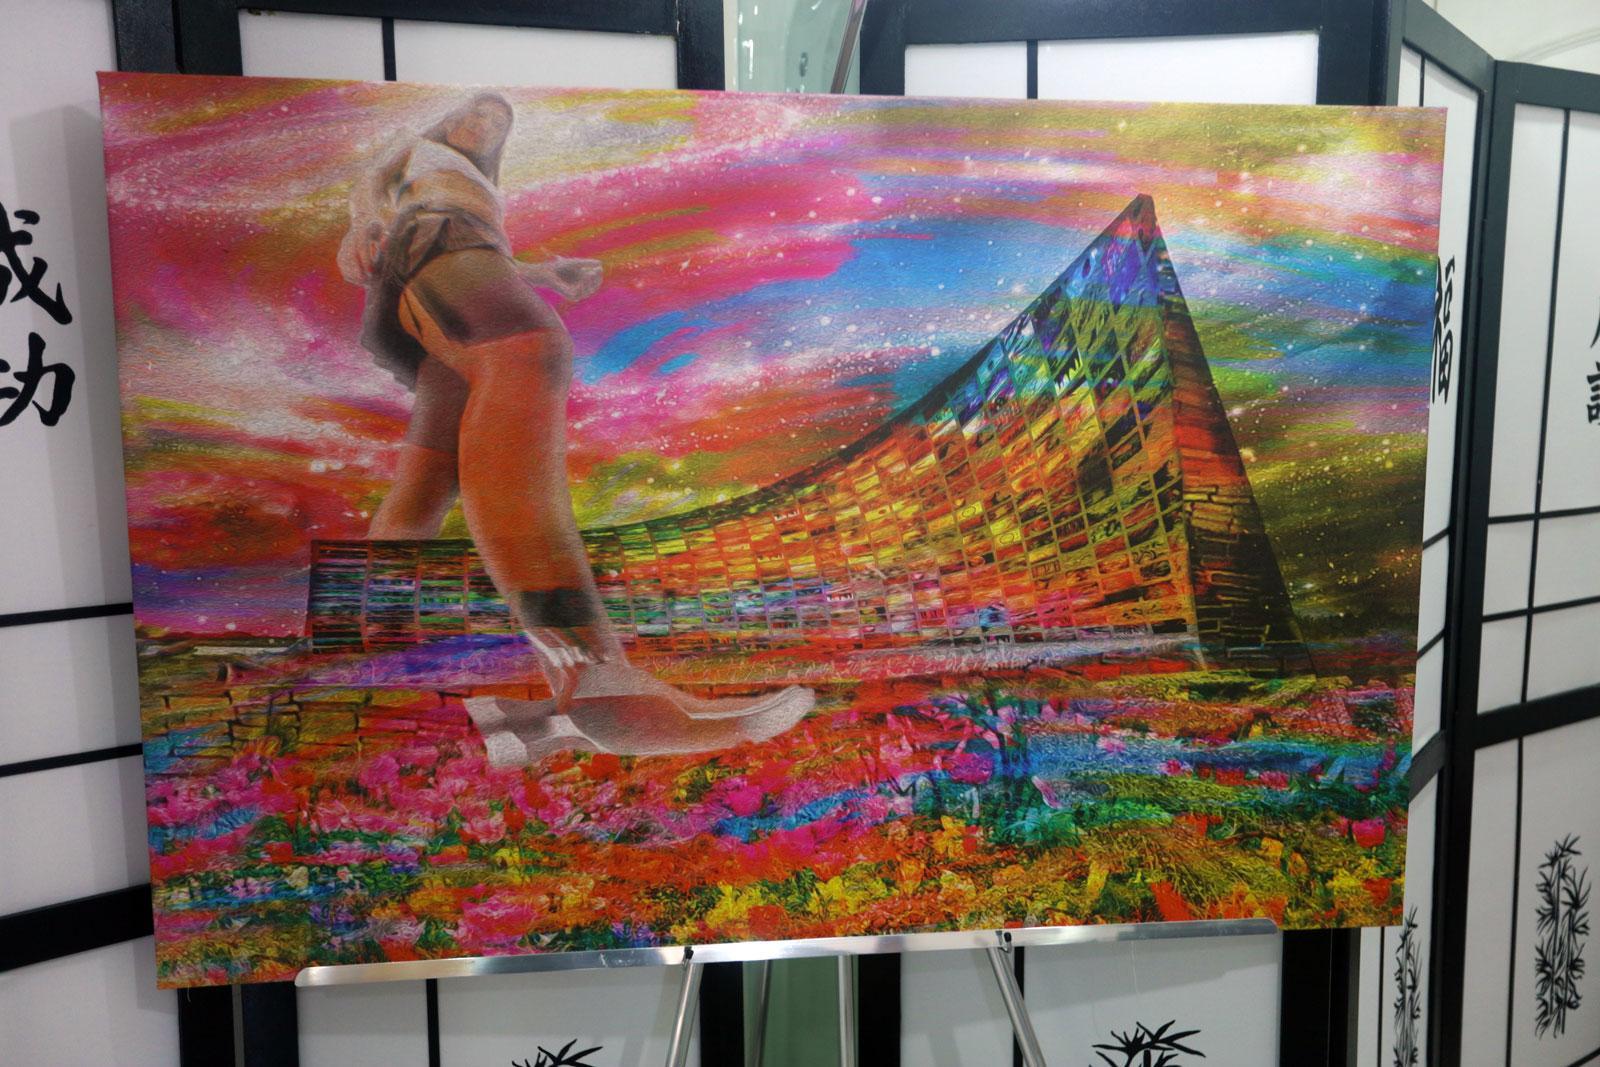 O Artista homenageia Pink Floyd ressaltando a simbologia ambivalente do martelo (que tanto constrói, quanto destrói) e do muro (que protege, porém isola).